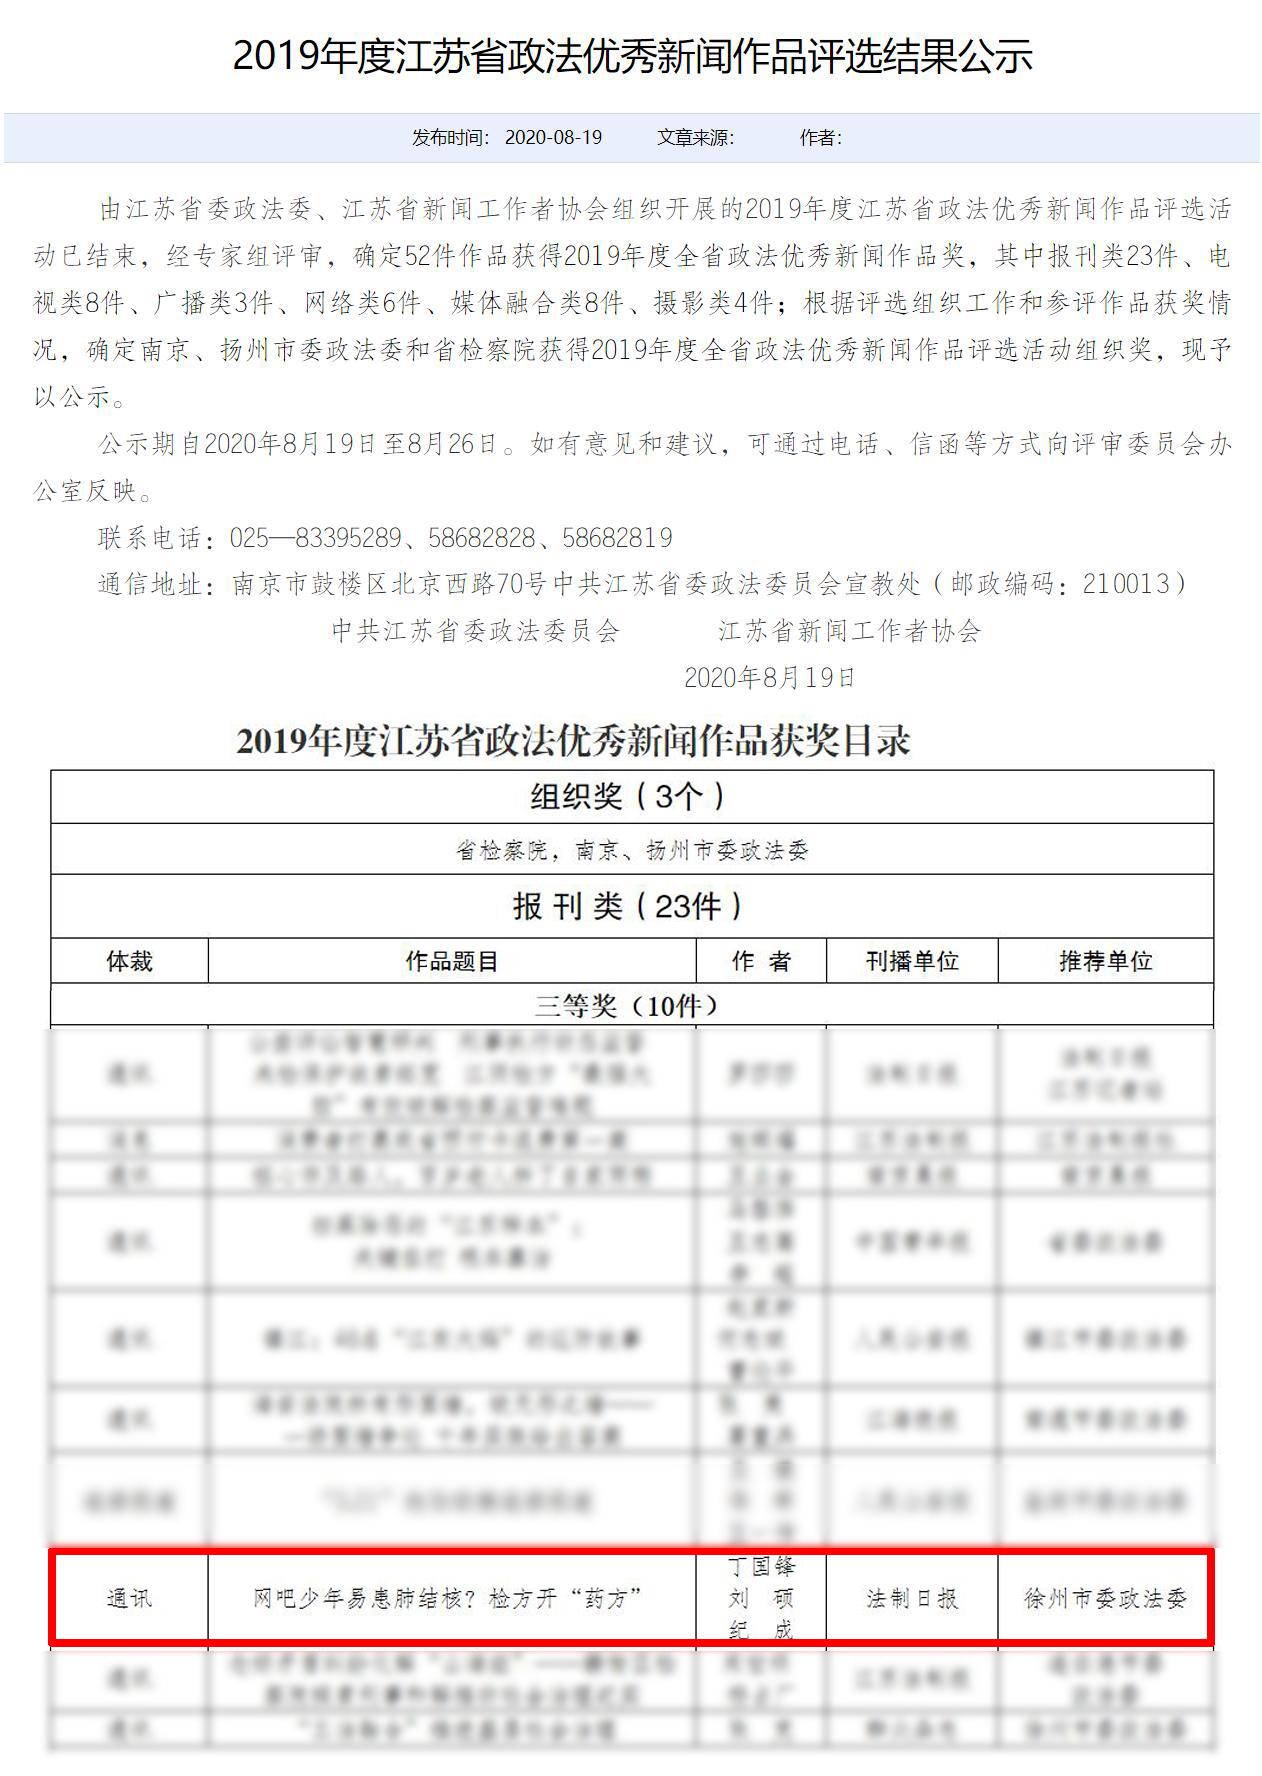 2019年度江苏省政法优秀新闻作品.jpg